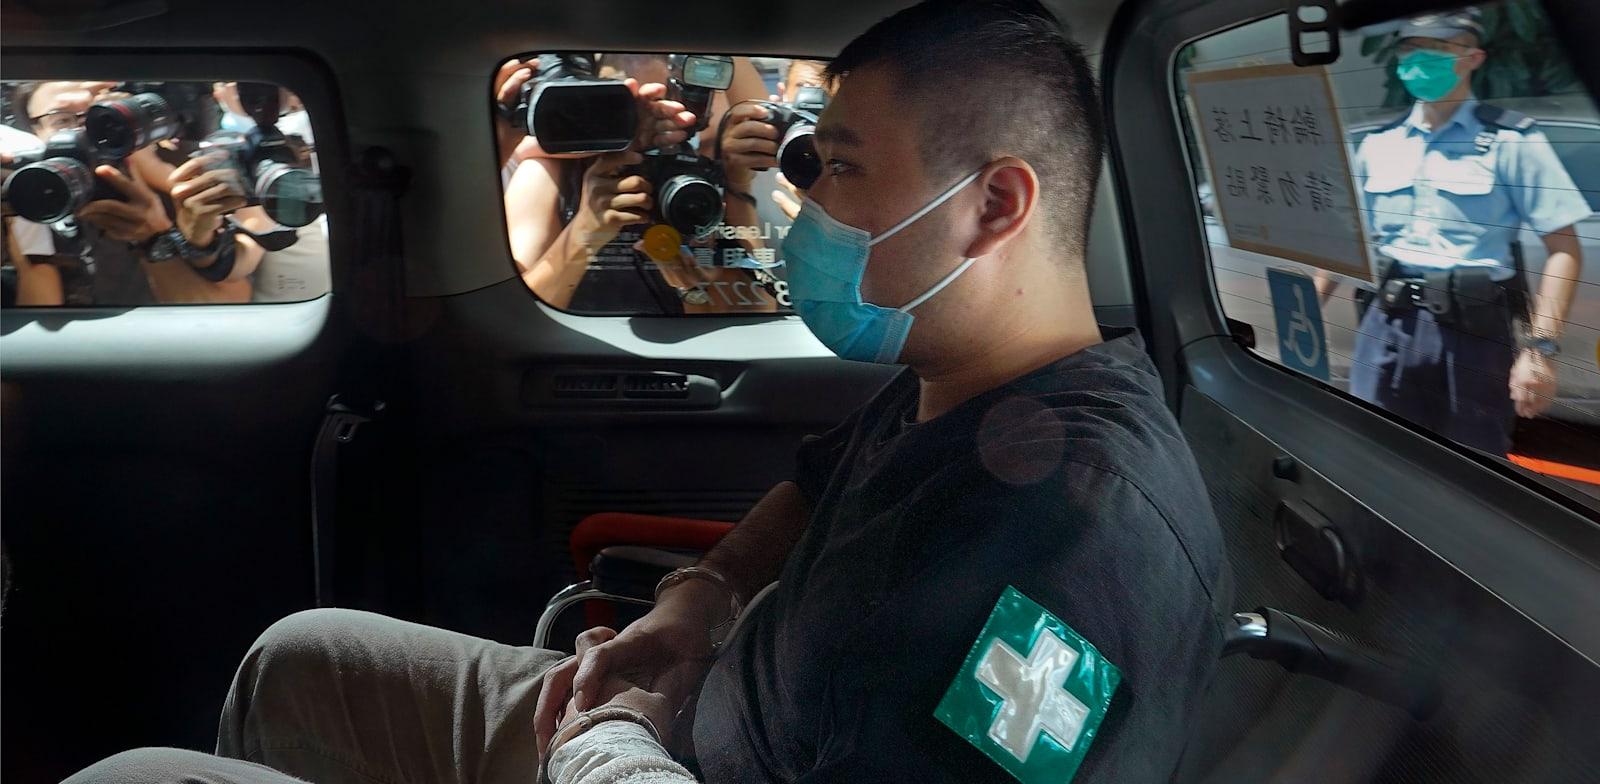 טונג יינג-קיט לפני דיון בעניינו בשנה שעברה / צילום: Associated Press, Vincent Yu